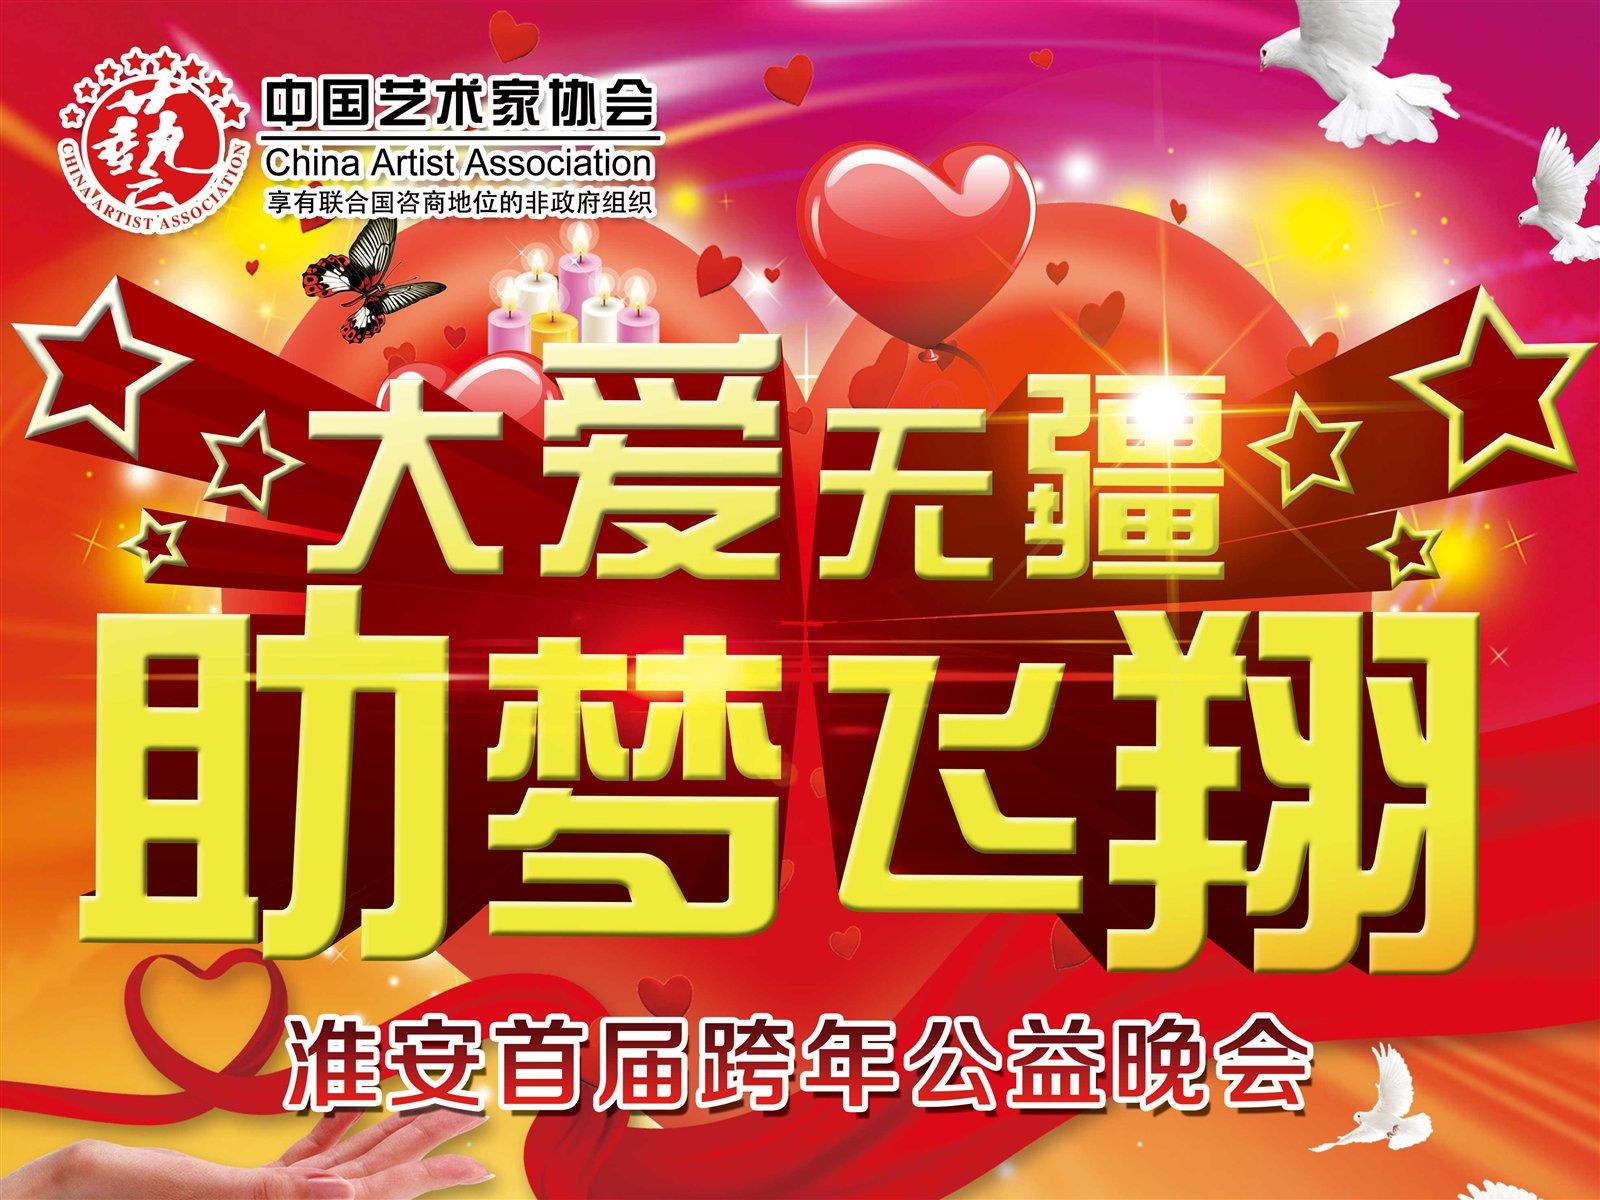 """""""大爱无疆,助梦飞翔""""淮安市首届跨年公益晚会"""